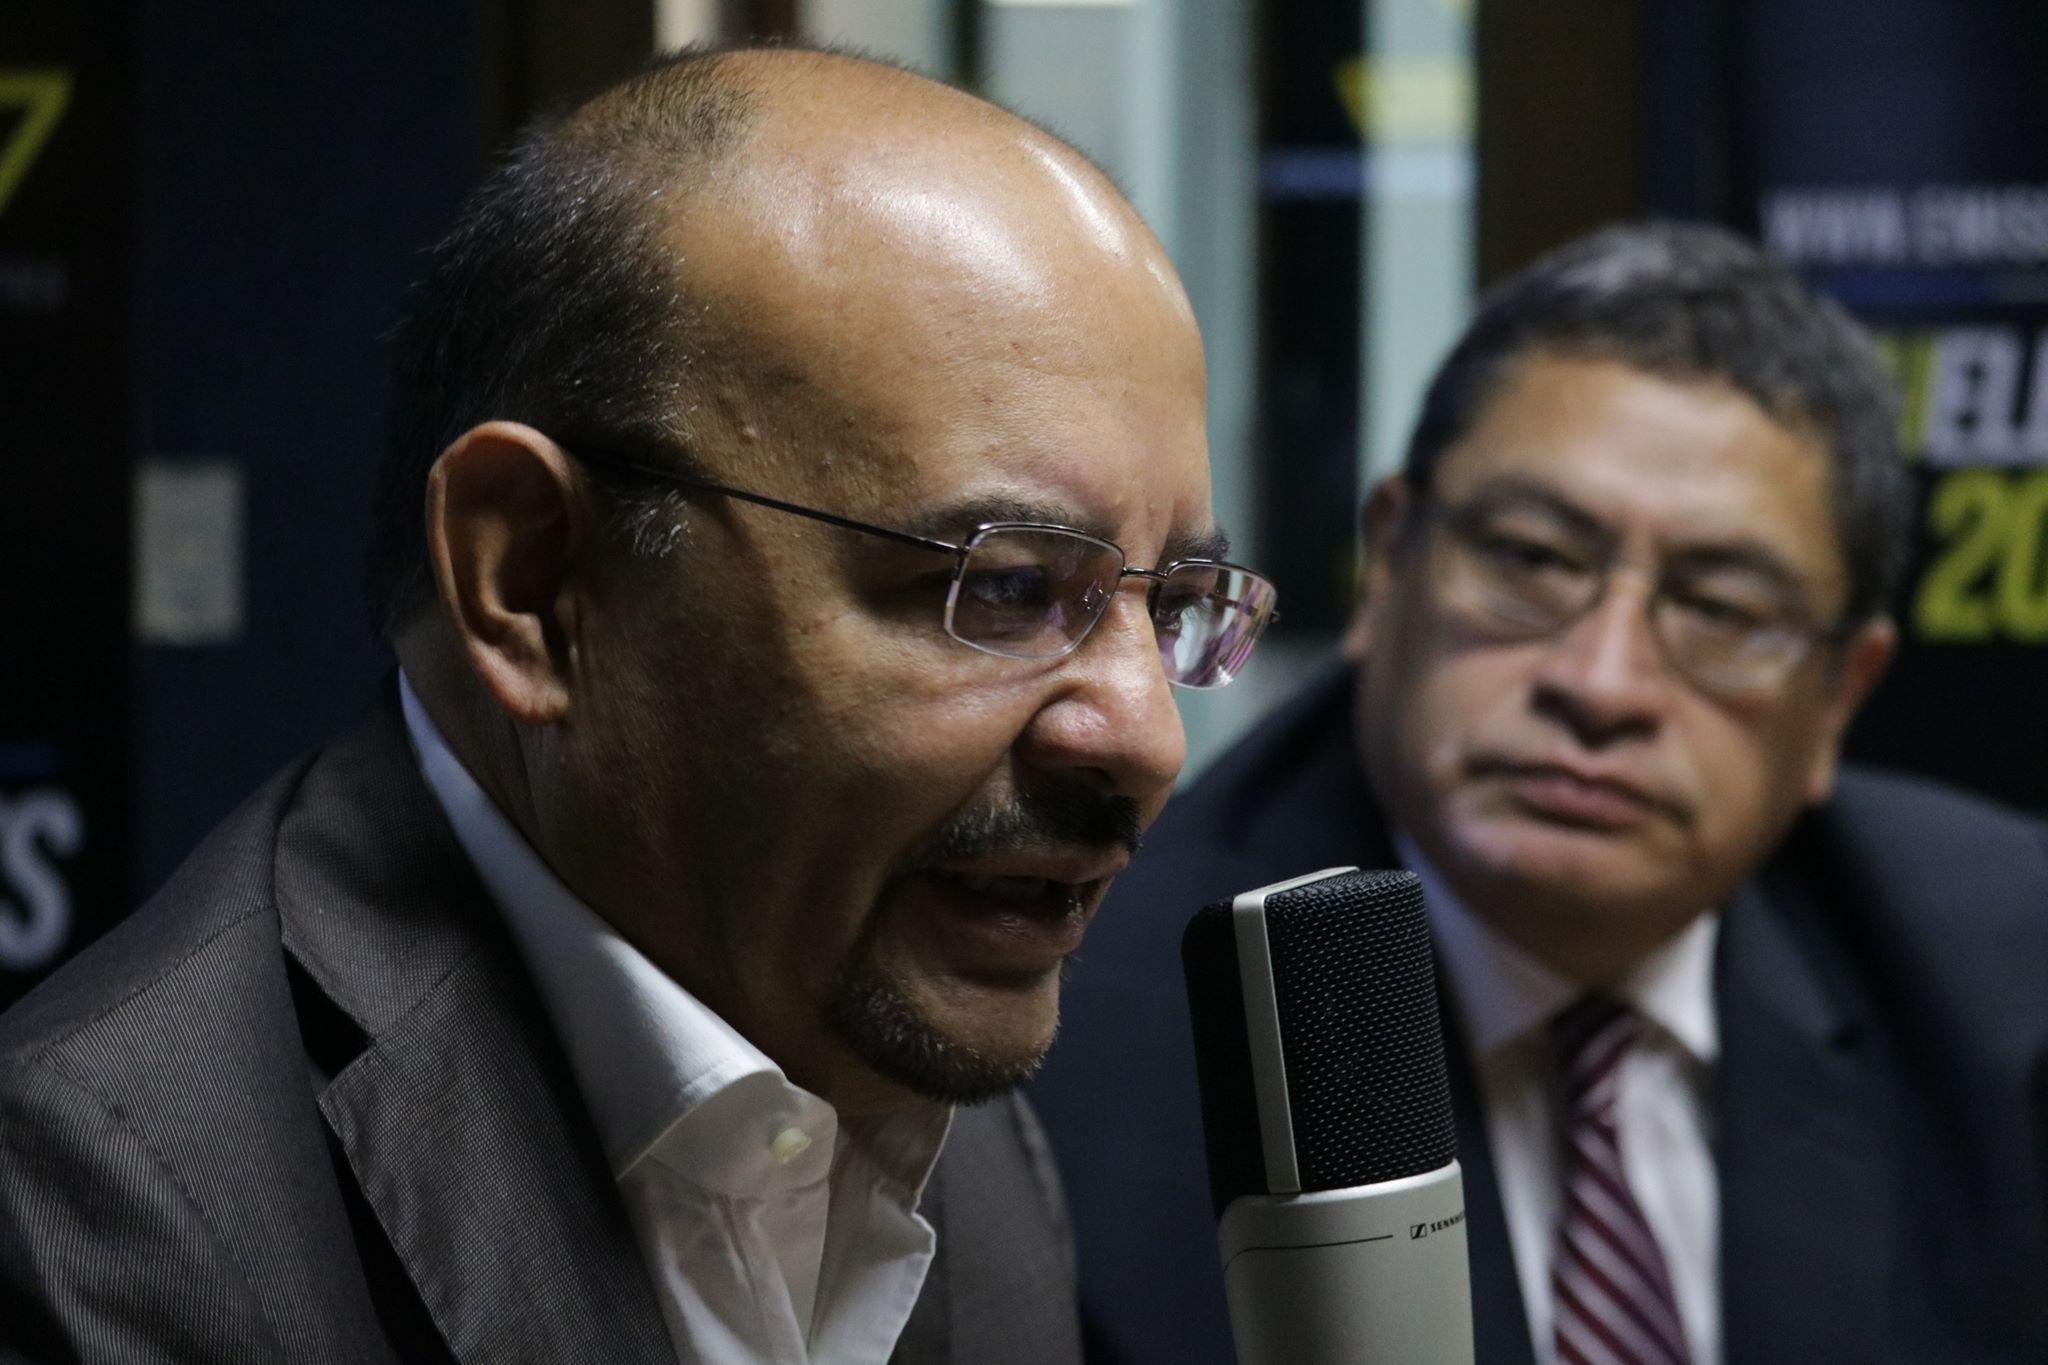 Manfredo Marroquín y Oscar Morales, candidatos a la presidencia y vicepresidencia de EG.